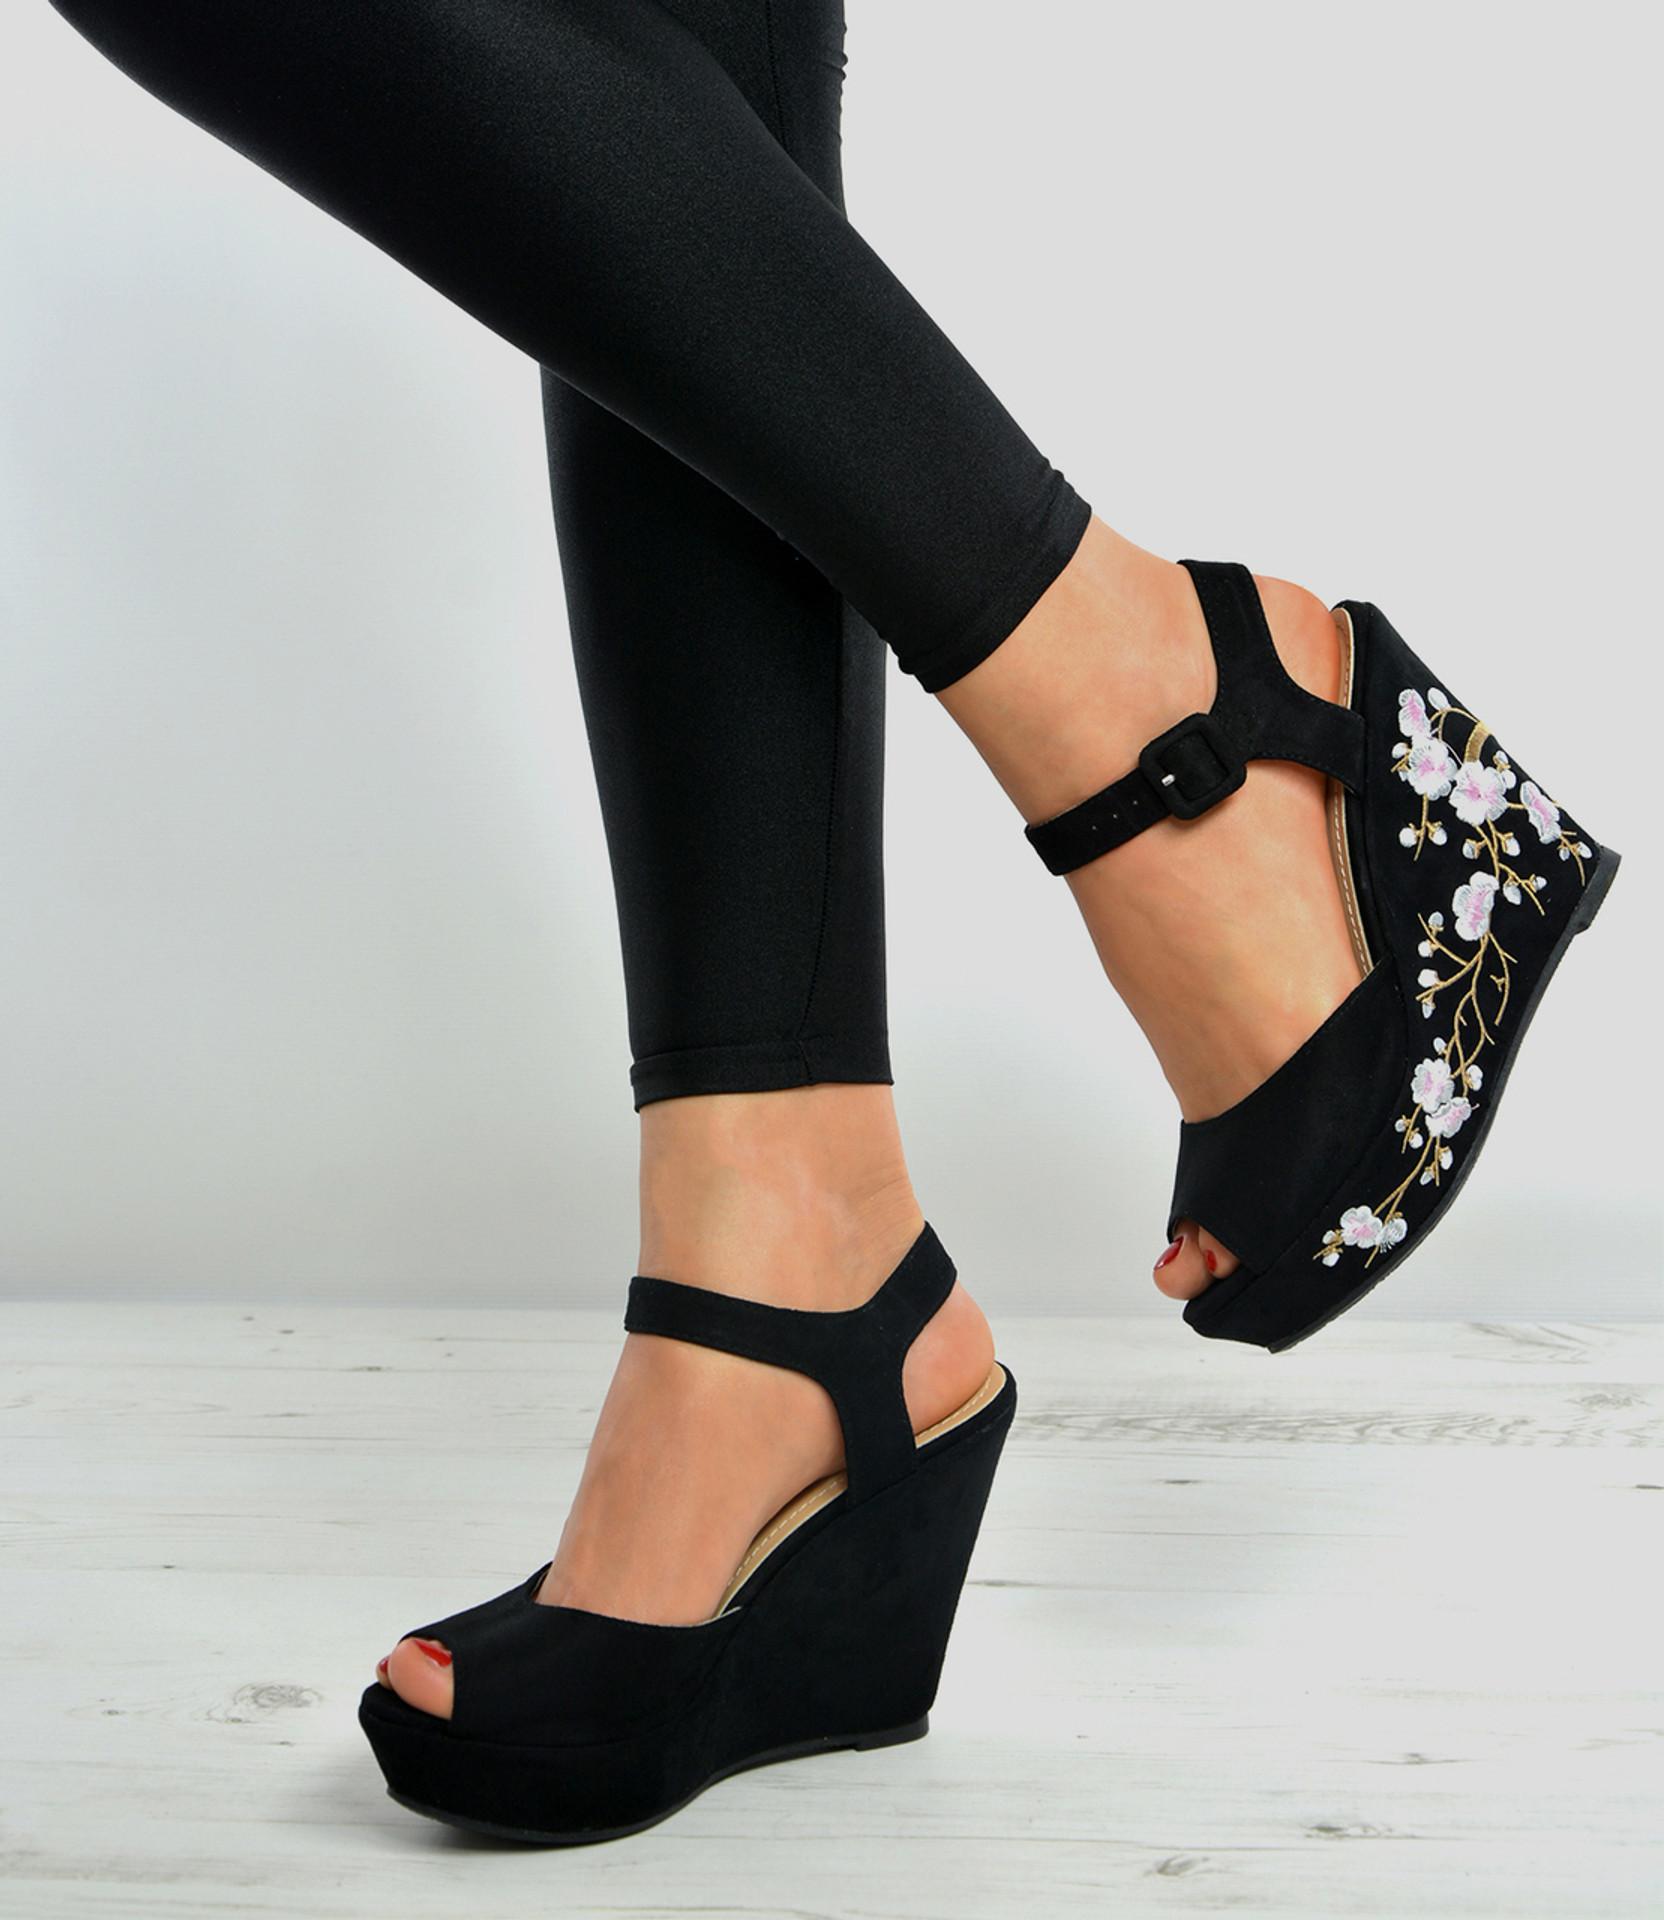 Black Platforms Floral Wedge Sandals